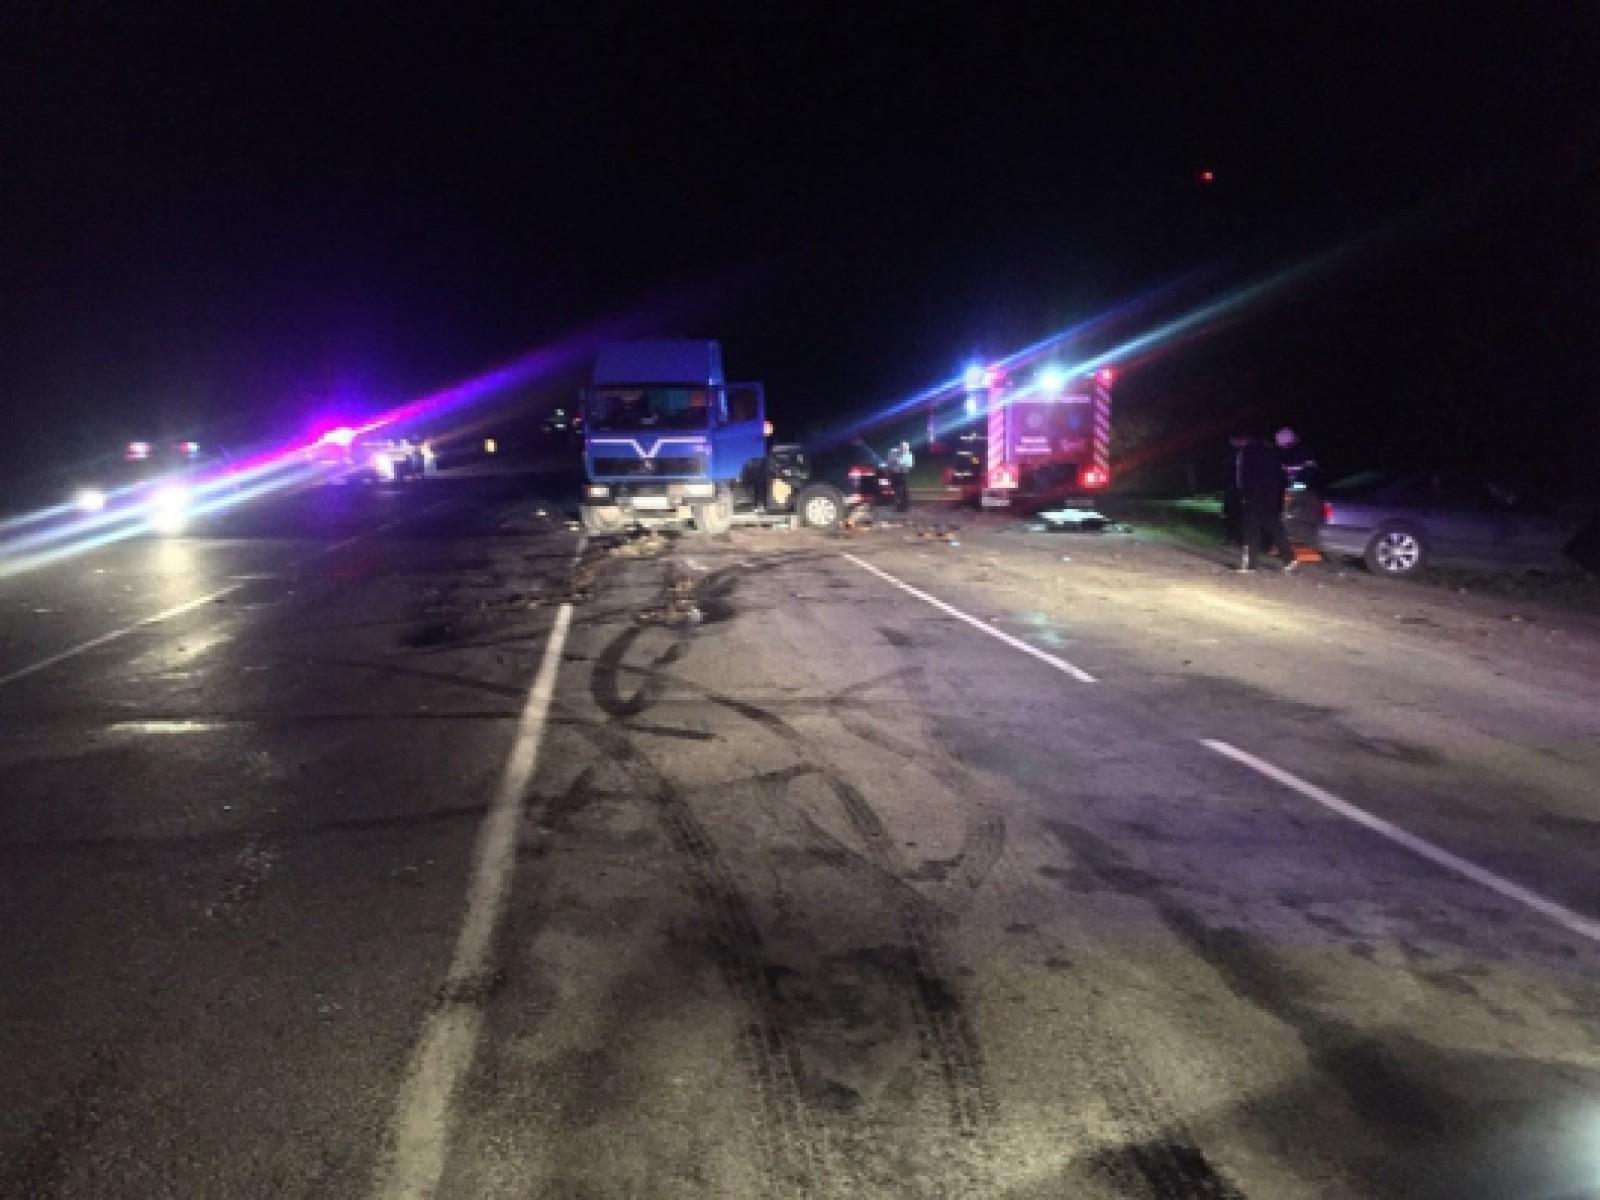 (update) Cei patru angajați ai SPPS, care au nimerit într-un accident cumplit noaptea trecută la Drochia, ar fi din paza președintelui, Igor Dodon